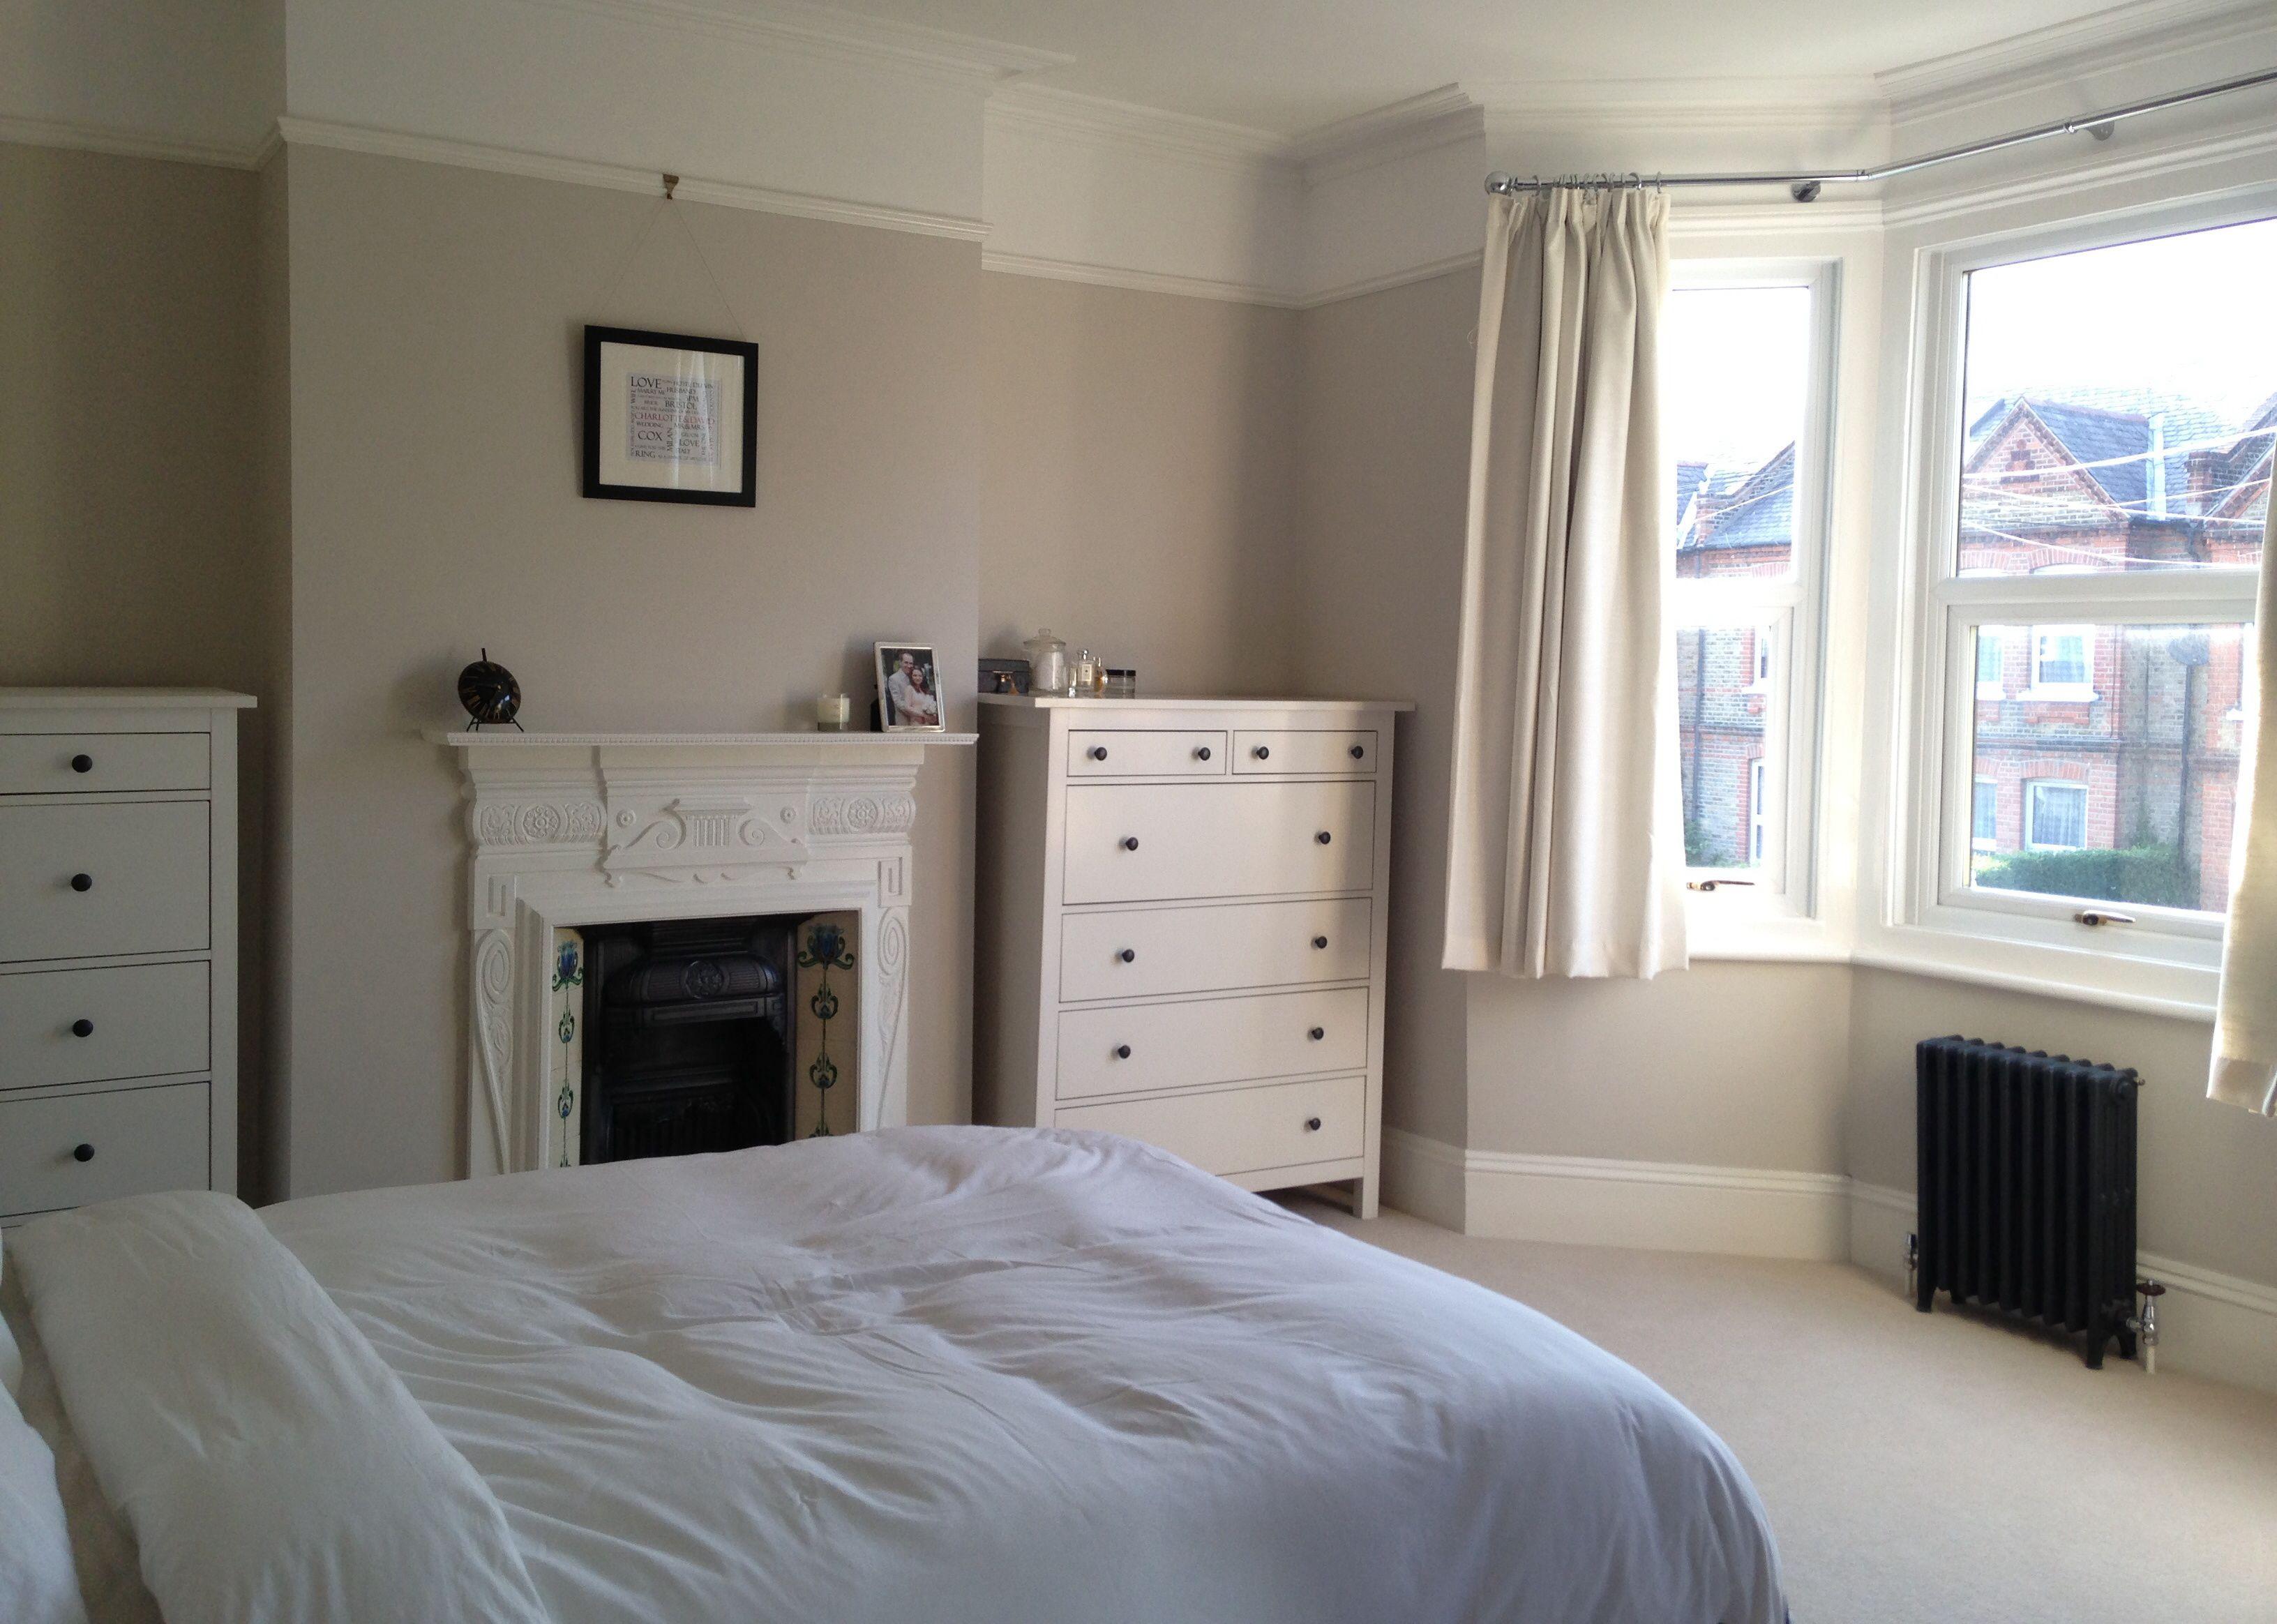 Dulux Polished Pebble Bedroom Bedroom Fireplace 1930s